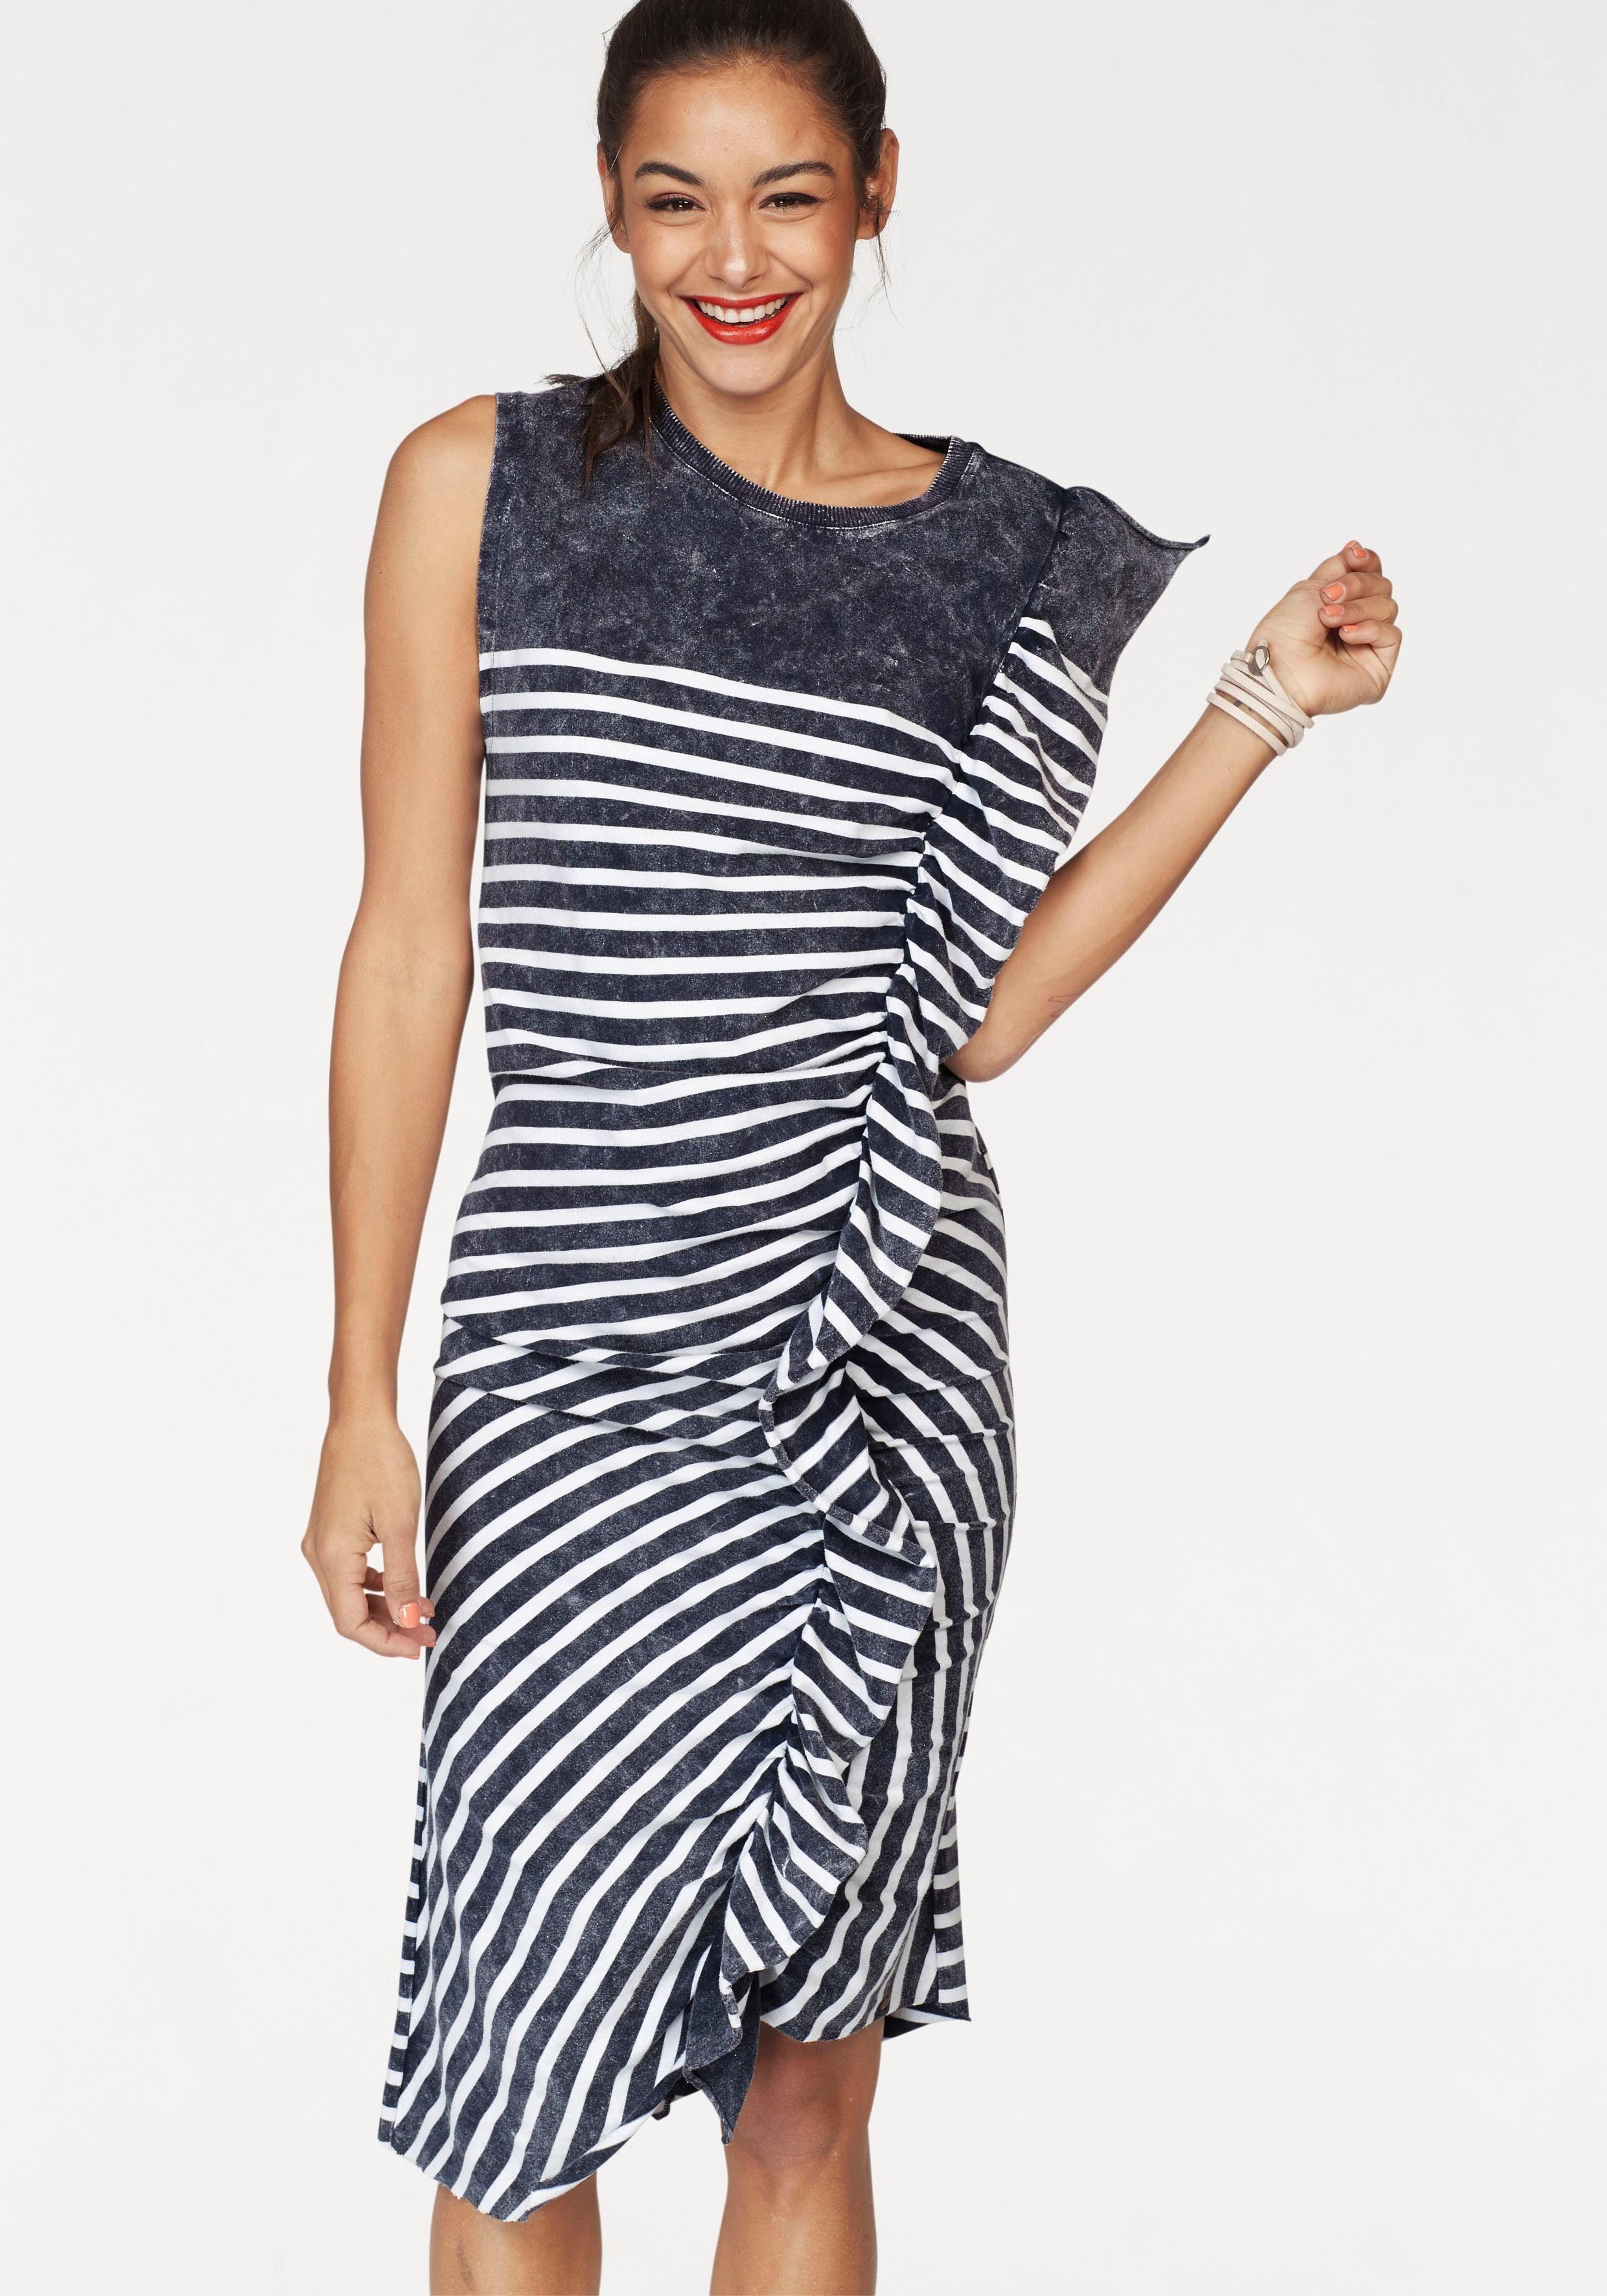 Cotton Candy Jerseykleid »Elina« im Streifen-Design